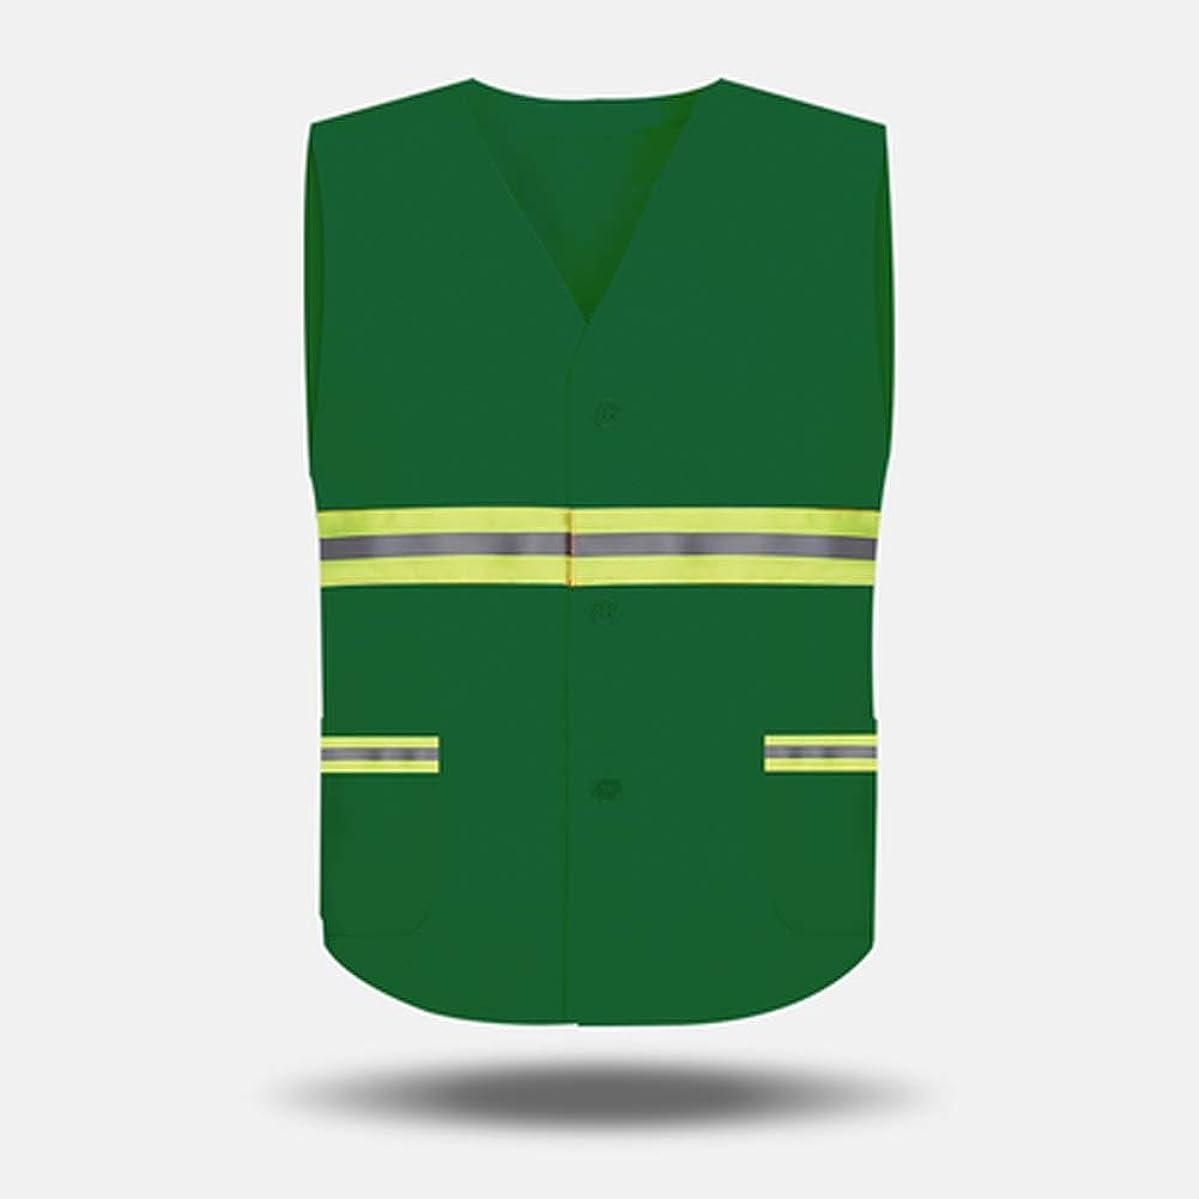 雑多な船尾よりGLJJQMY 反射ベスト屋外作業サイクリングジョギングウォーキング高視認性調整可能なサイズ男性と女性の服10個 反射ベスト (Color : Green)